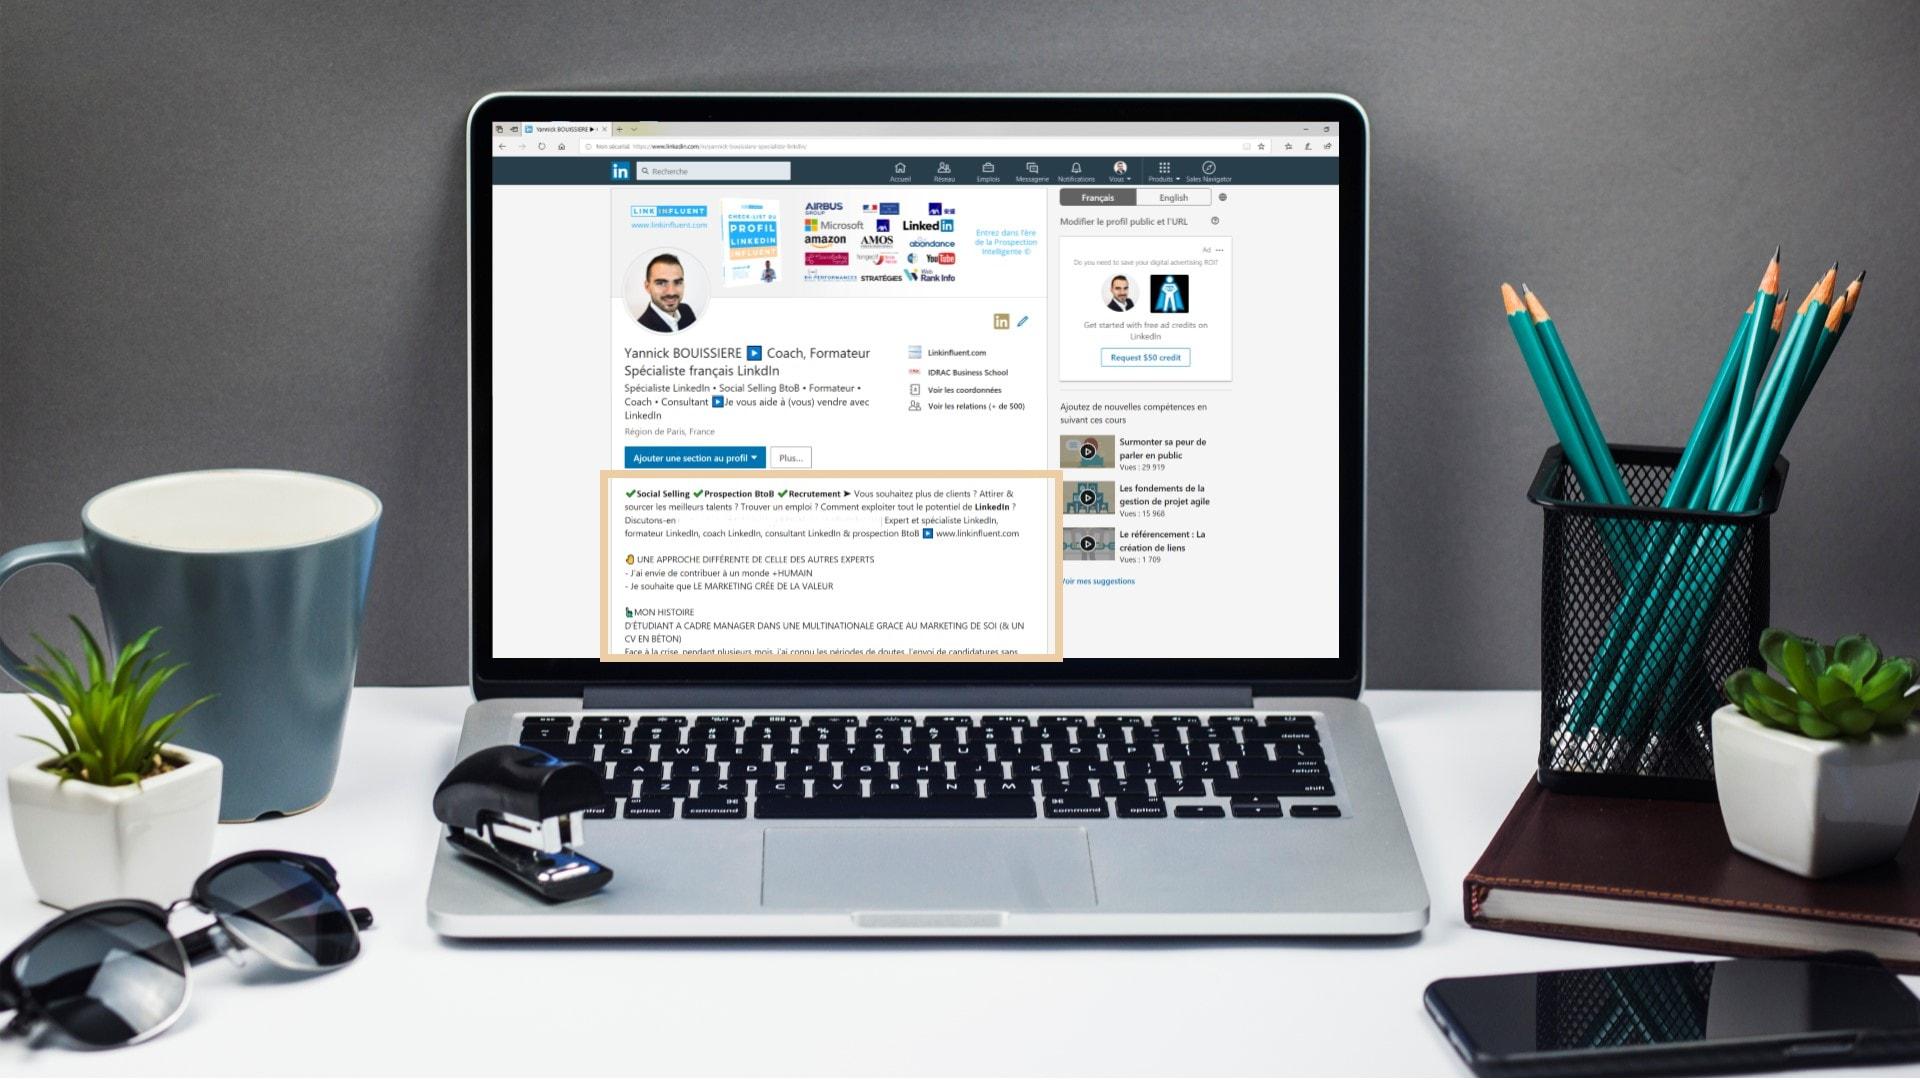 l'écriture du profil parfait pour les rencontres en ligne